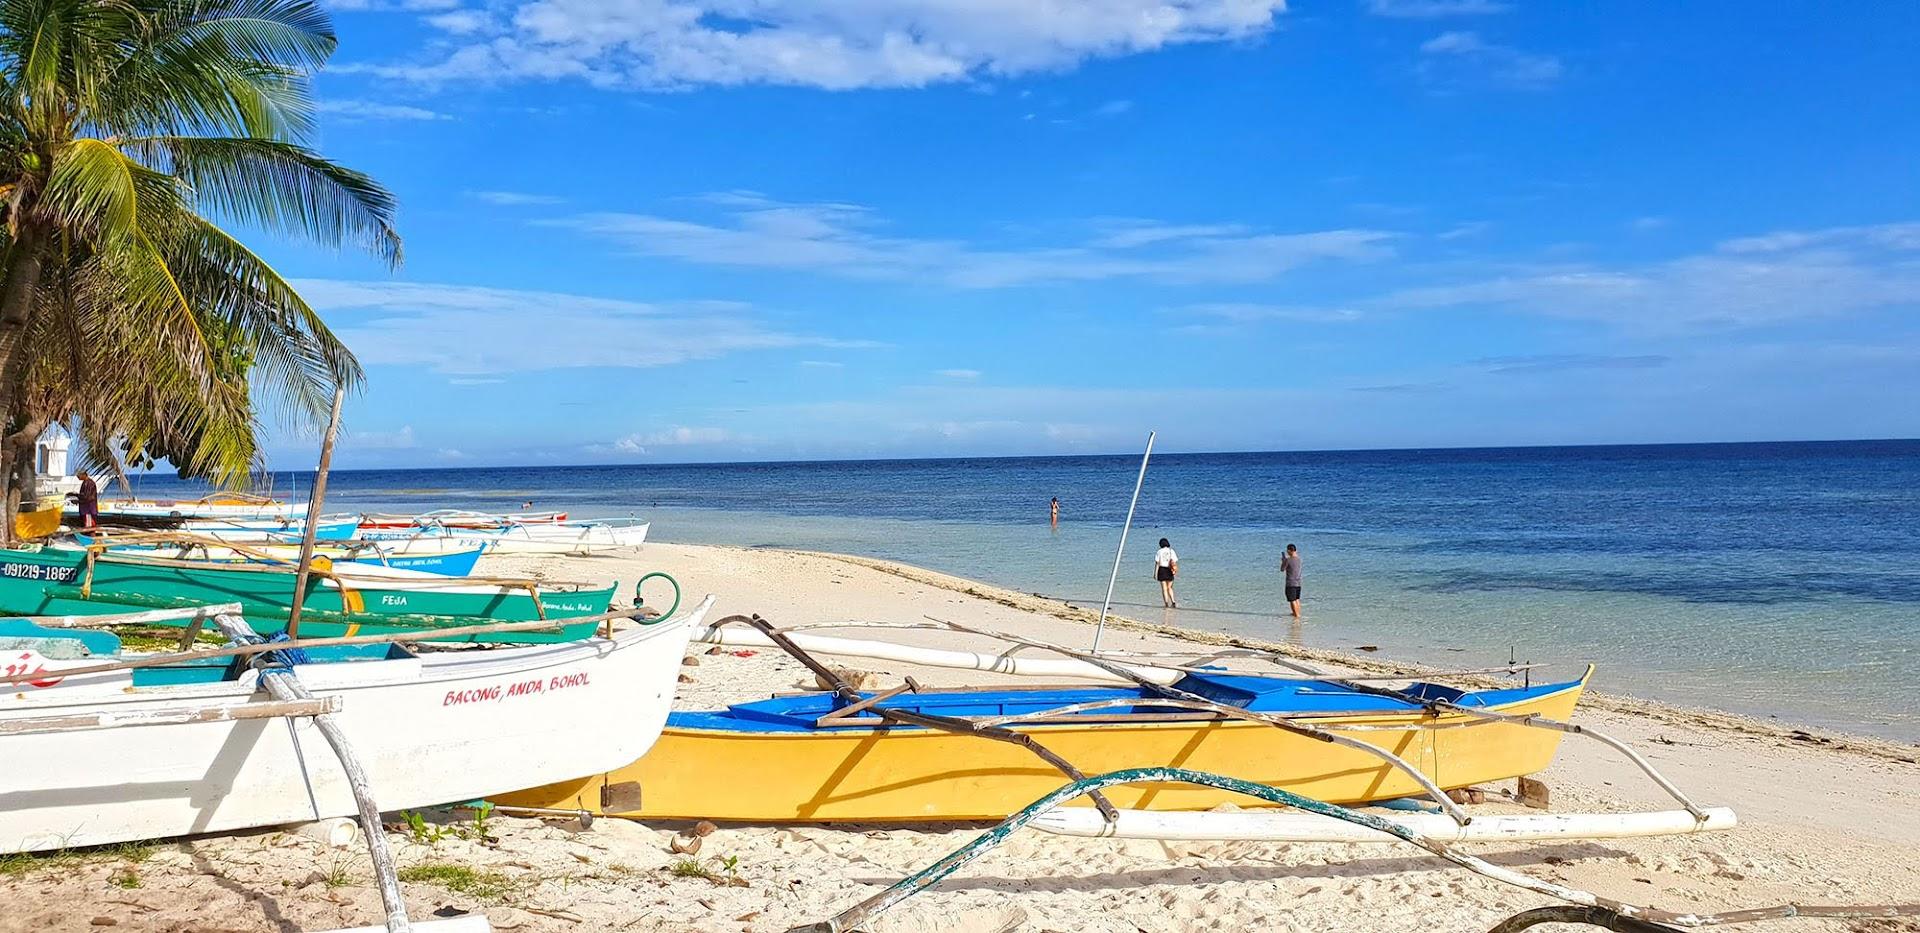 VISITAR BOHOL - O que ver e fazer em Anda, Loboc e Panglao | Filipinas